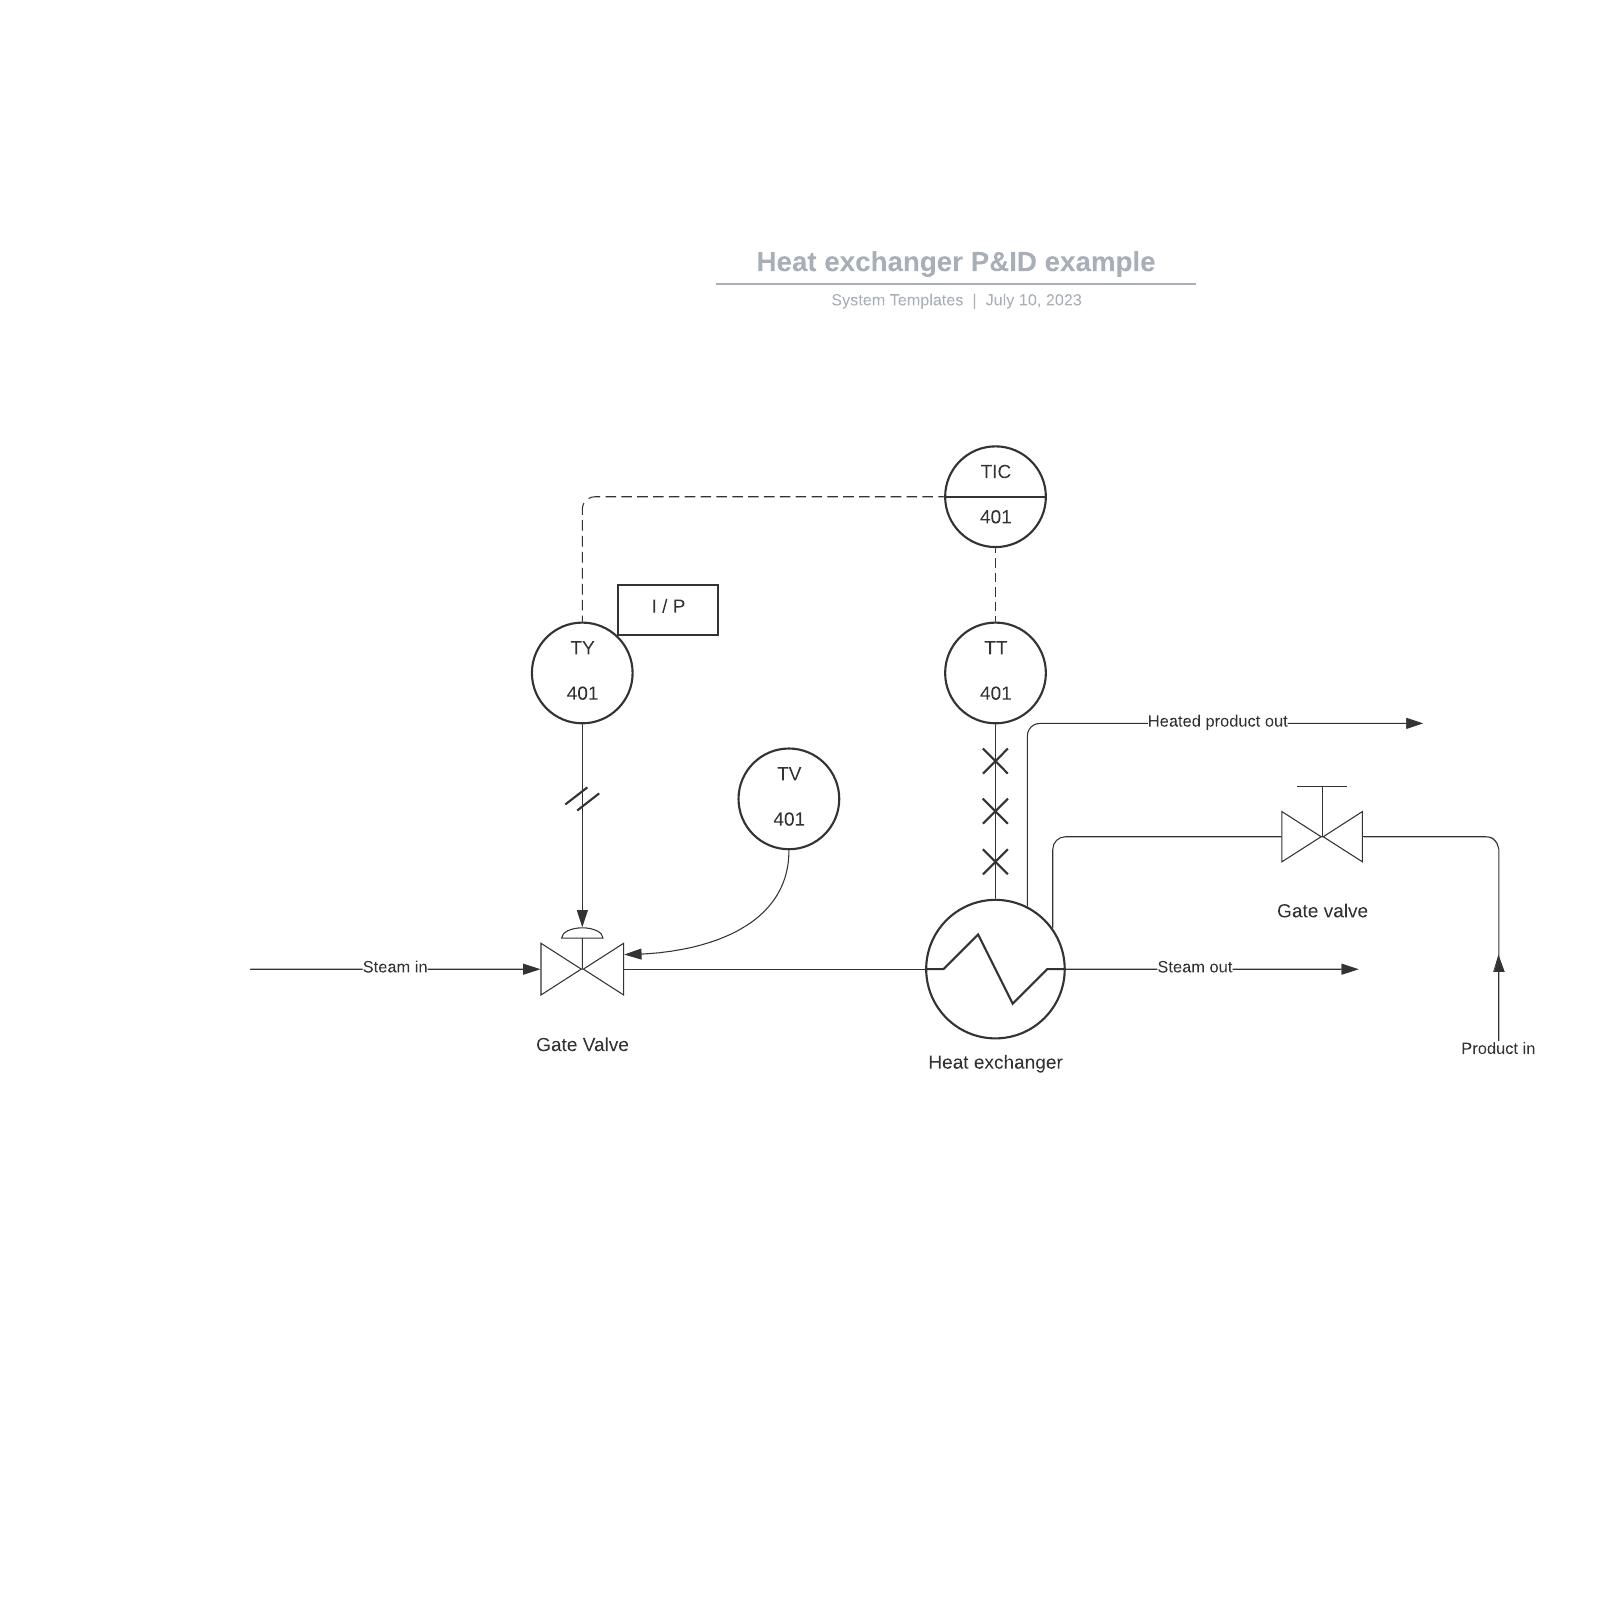 P&ID diagram example